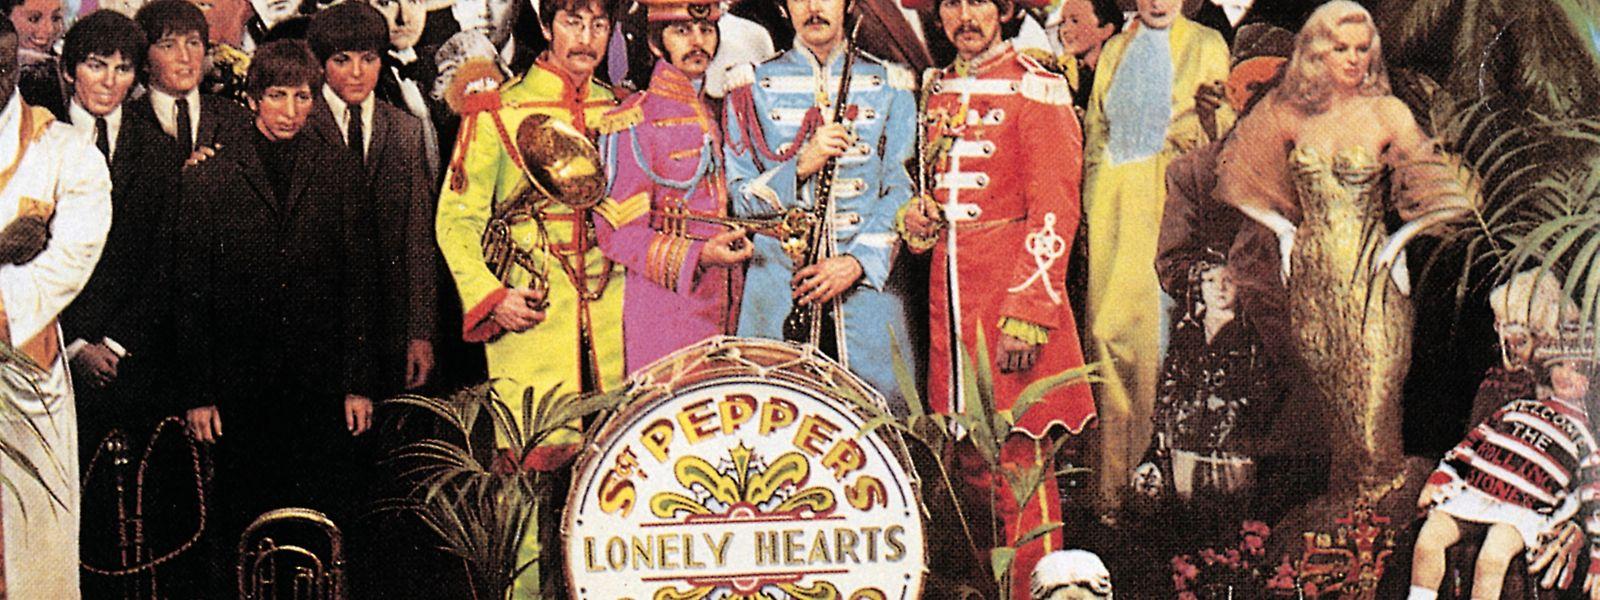 """Die Beatles und ihre """"Gäste"""" auf dem Plattencover von """"Sgt. Peppers Lonely Hearts Club Band""""."""